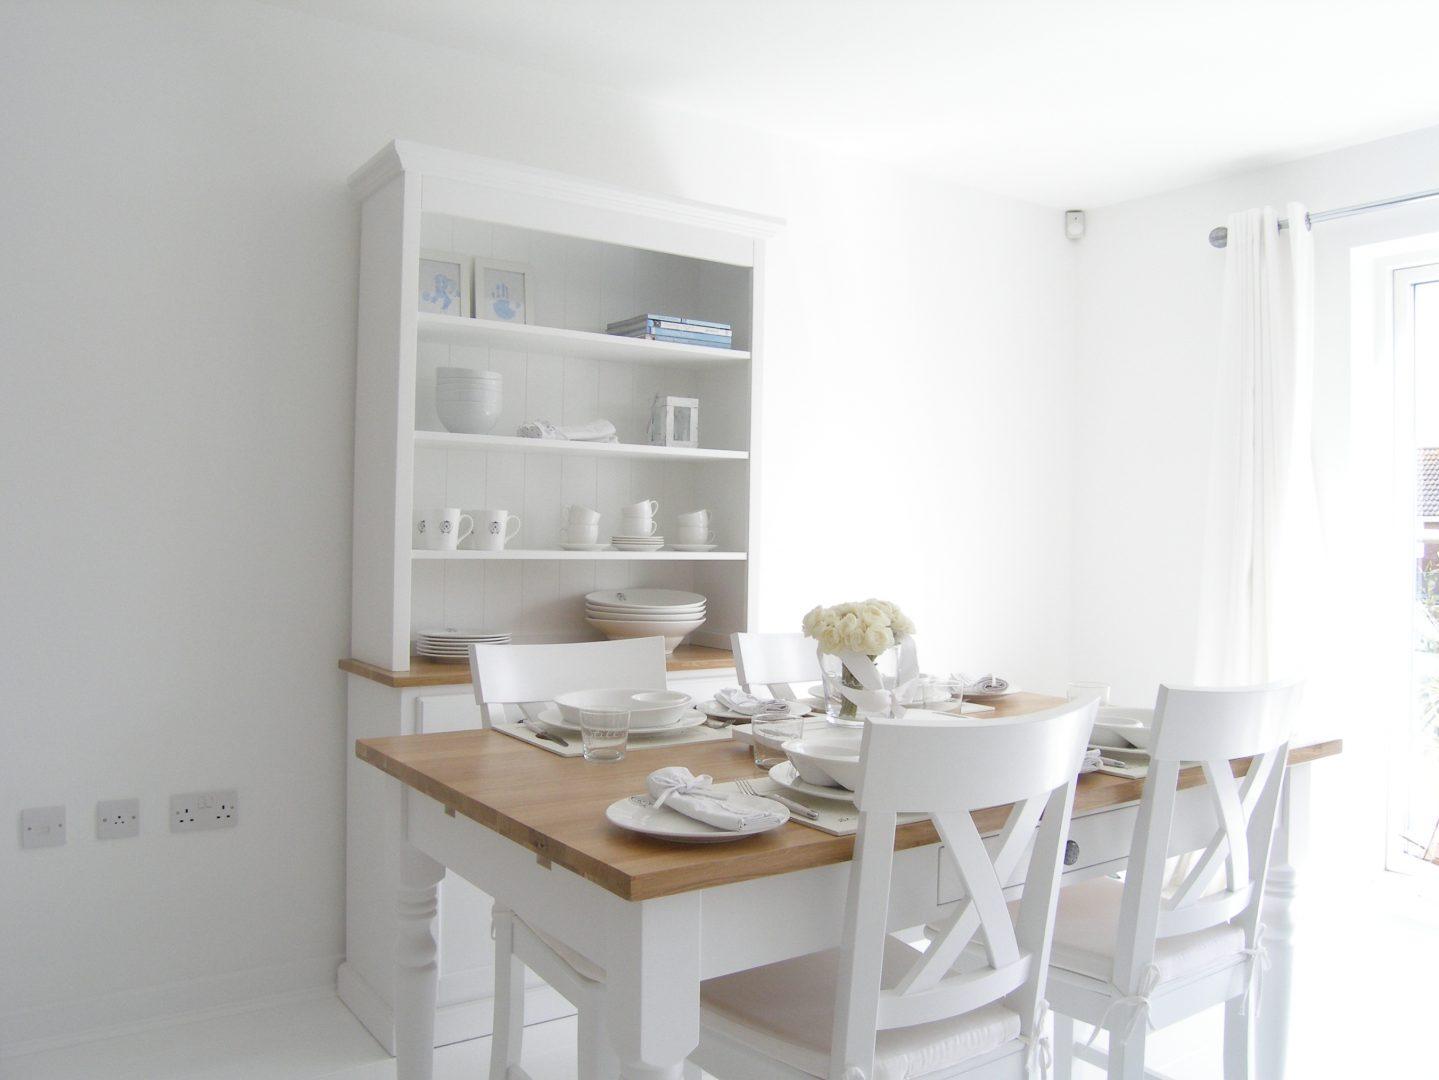 Mesa de cocina de madera blanca im genes y fotos for Mesa cocina blanca